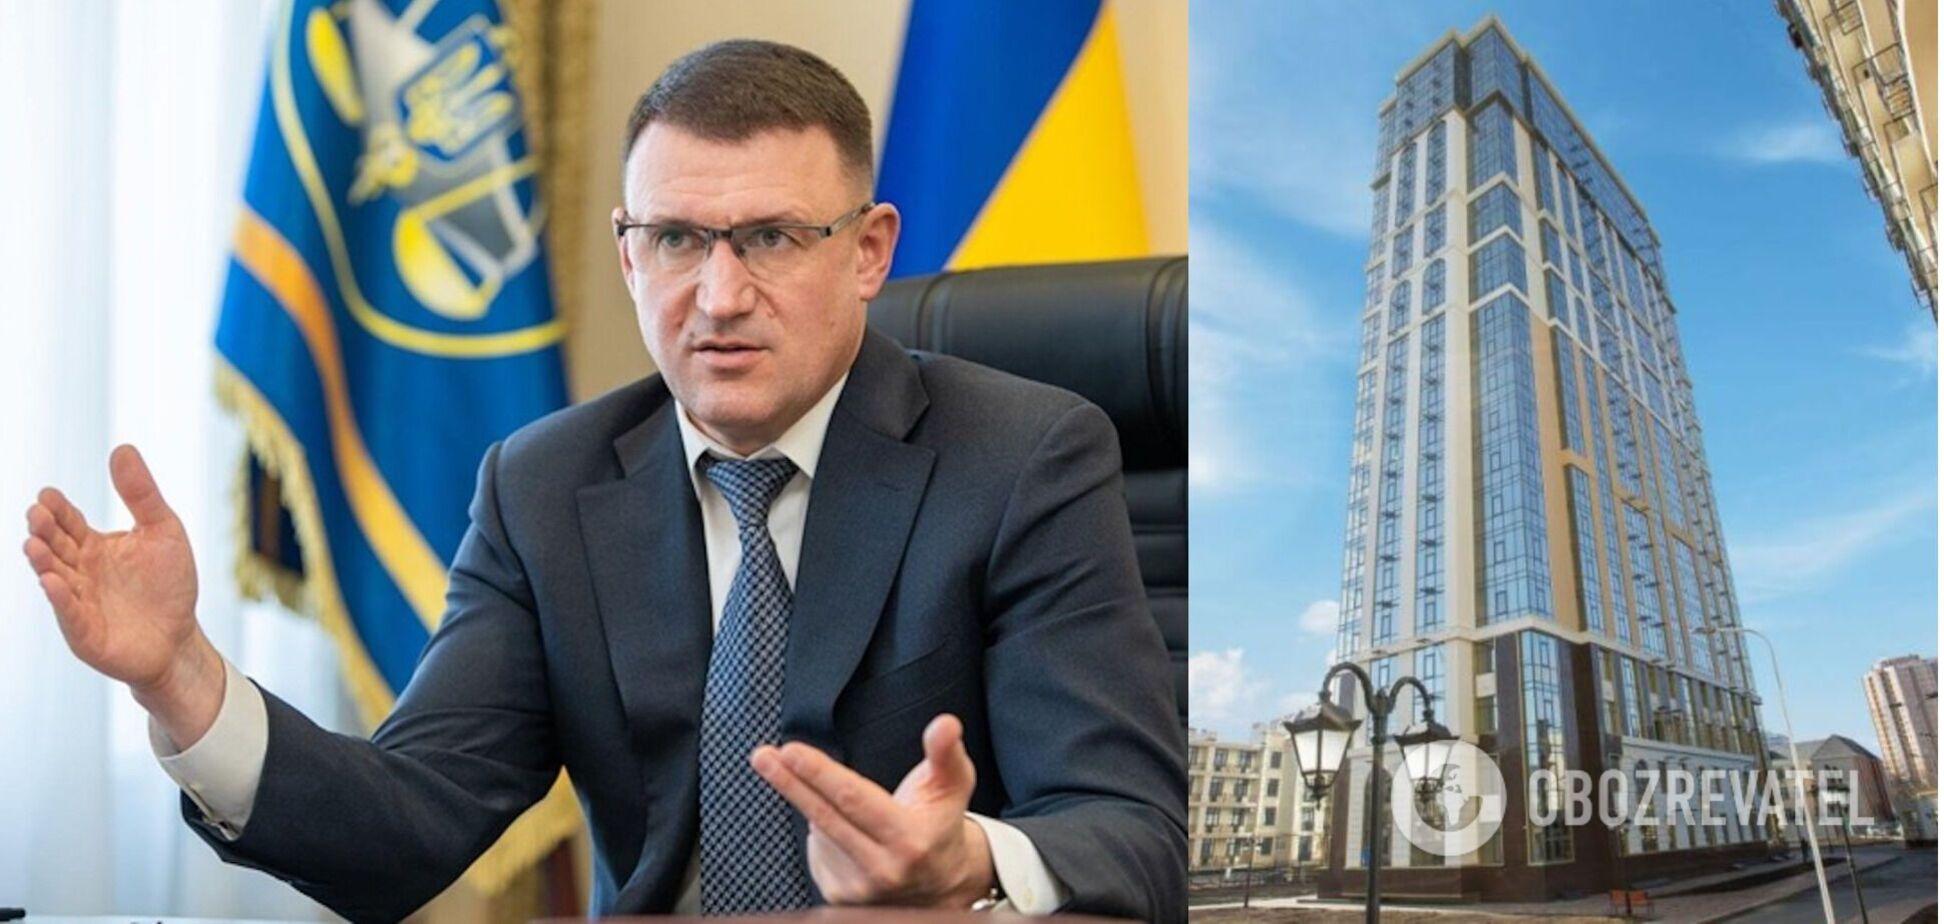 У Вадима Мельника нашли элитную квартиру